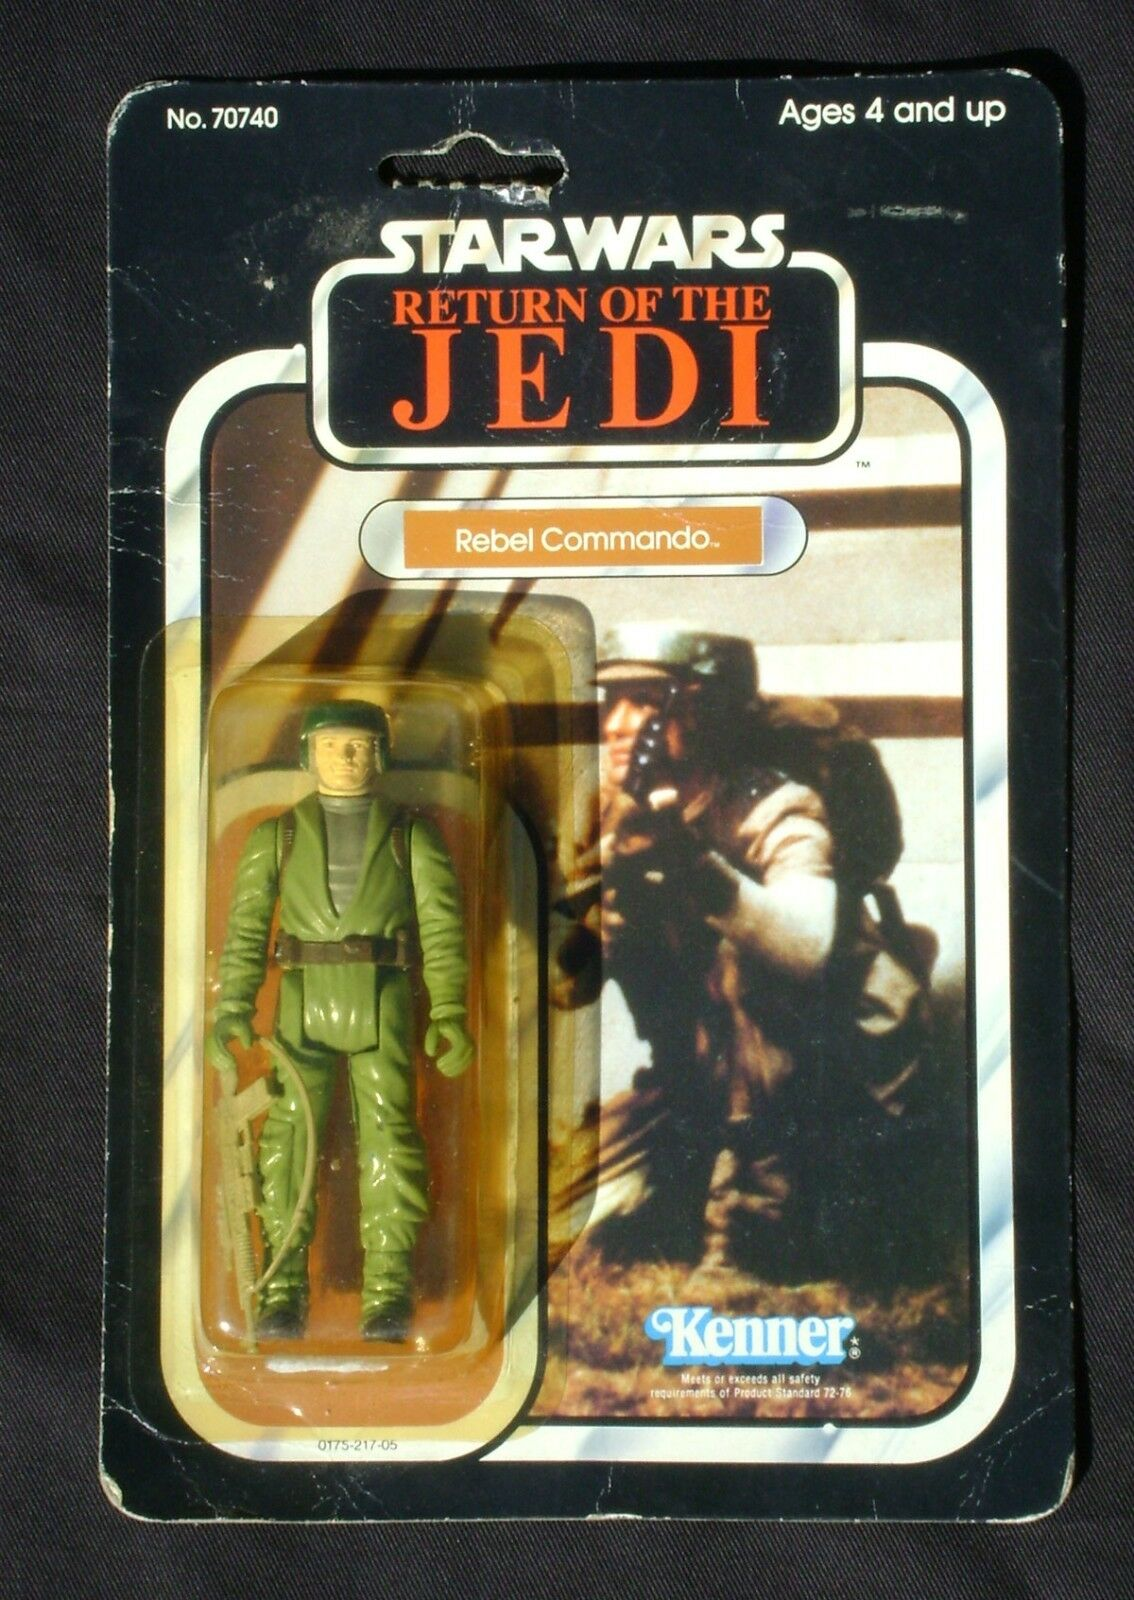 ordene ahora los precios más bajos Estrella Wars rojoj Rebel Commando Perfecto En Burbuja Sellado Sellado Sellado Vintage 1983 Kenner 77-b  servicio considerado